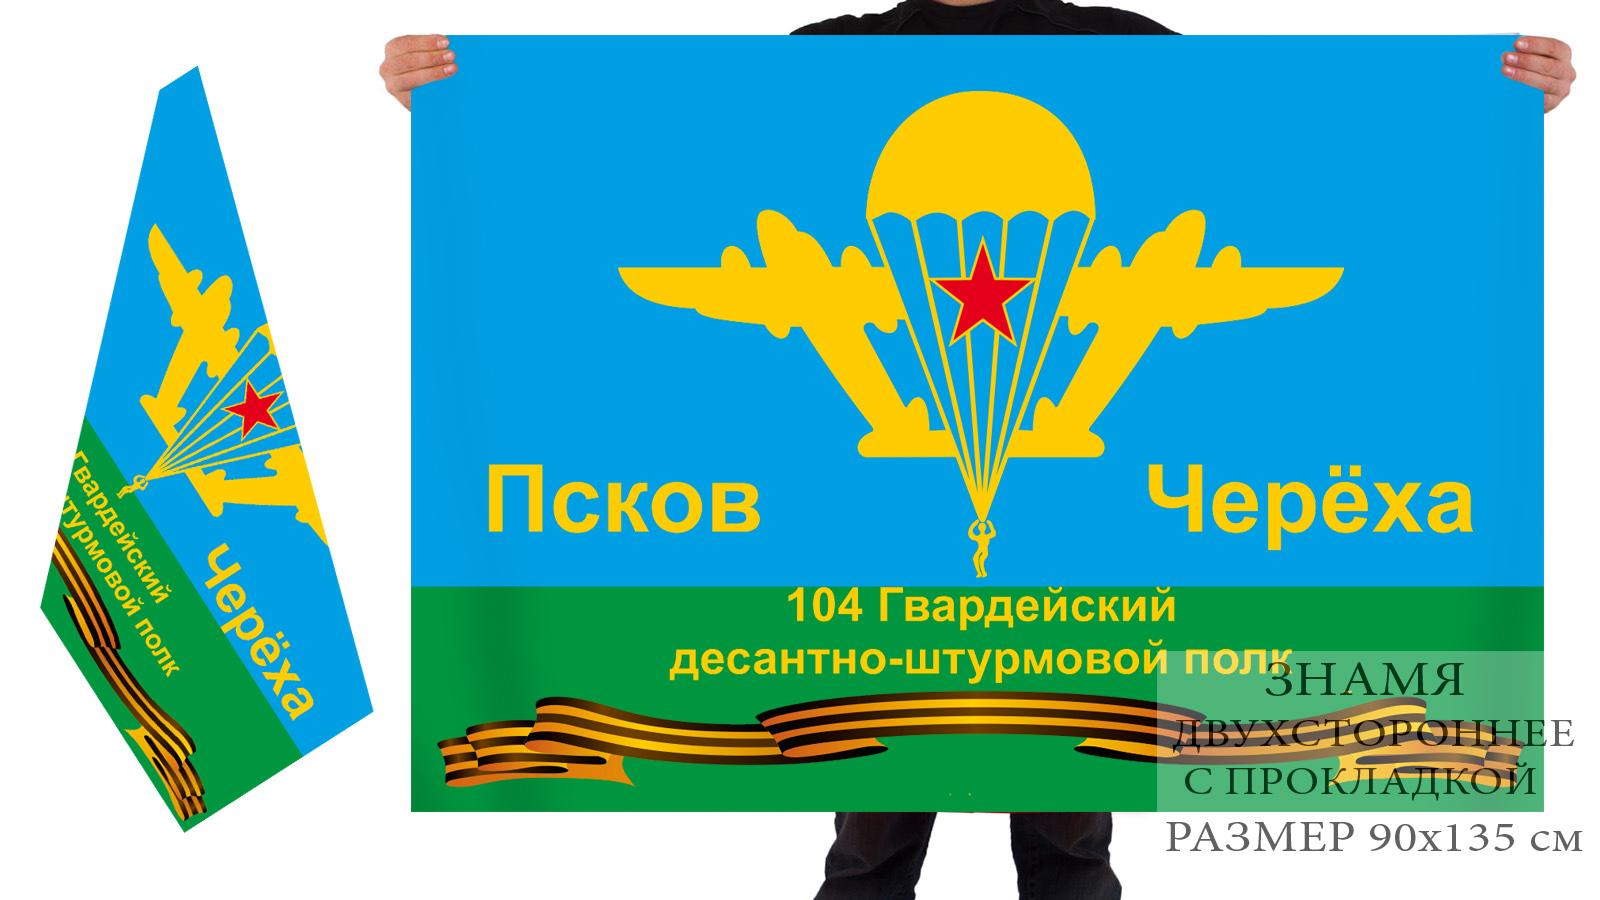 Двусторонний флаг 104 гвардейского десантно-штурмового полка